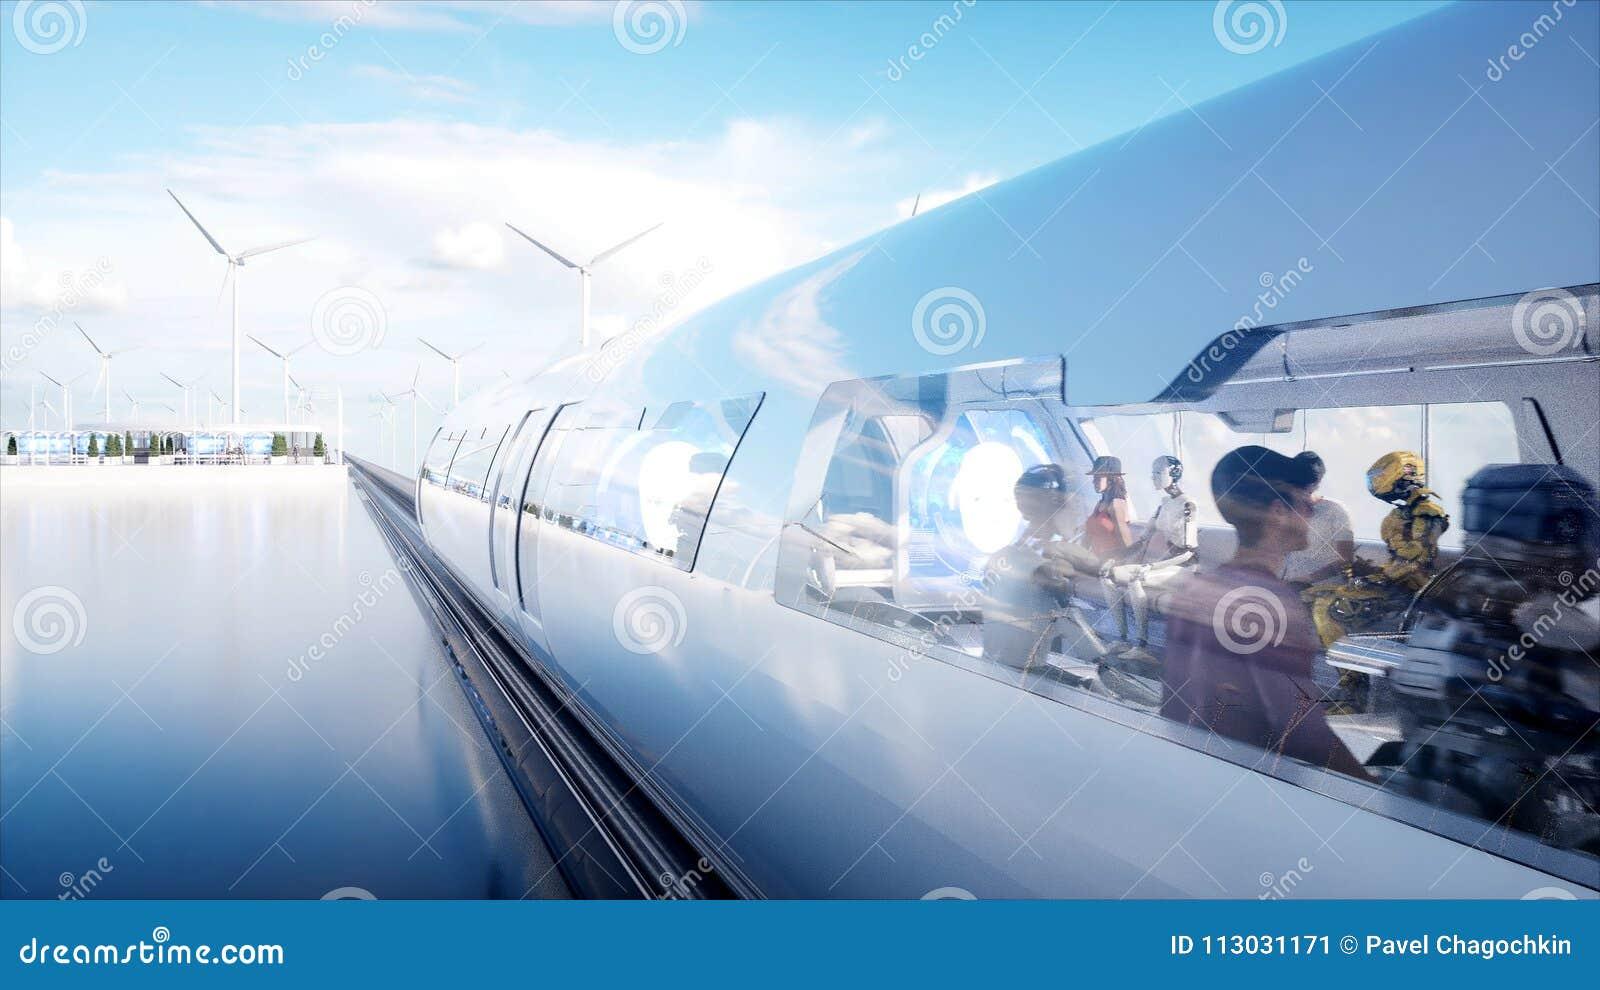 人们和机器人 科学幻想小说驻地 未来派单轨铁路车运输 未来的概念 3d翻译